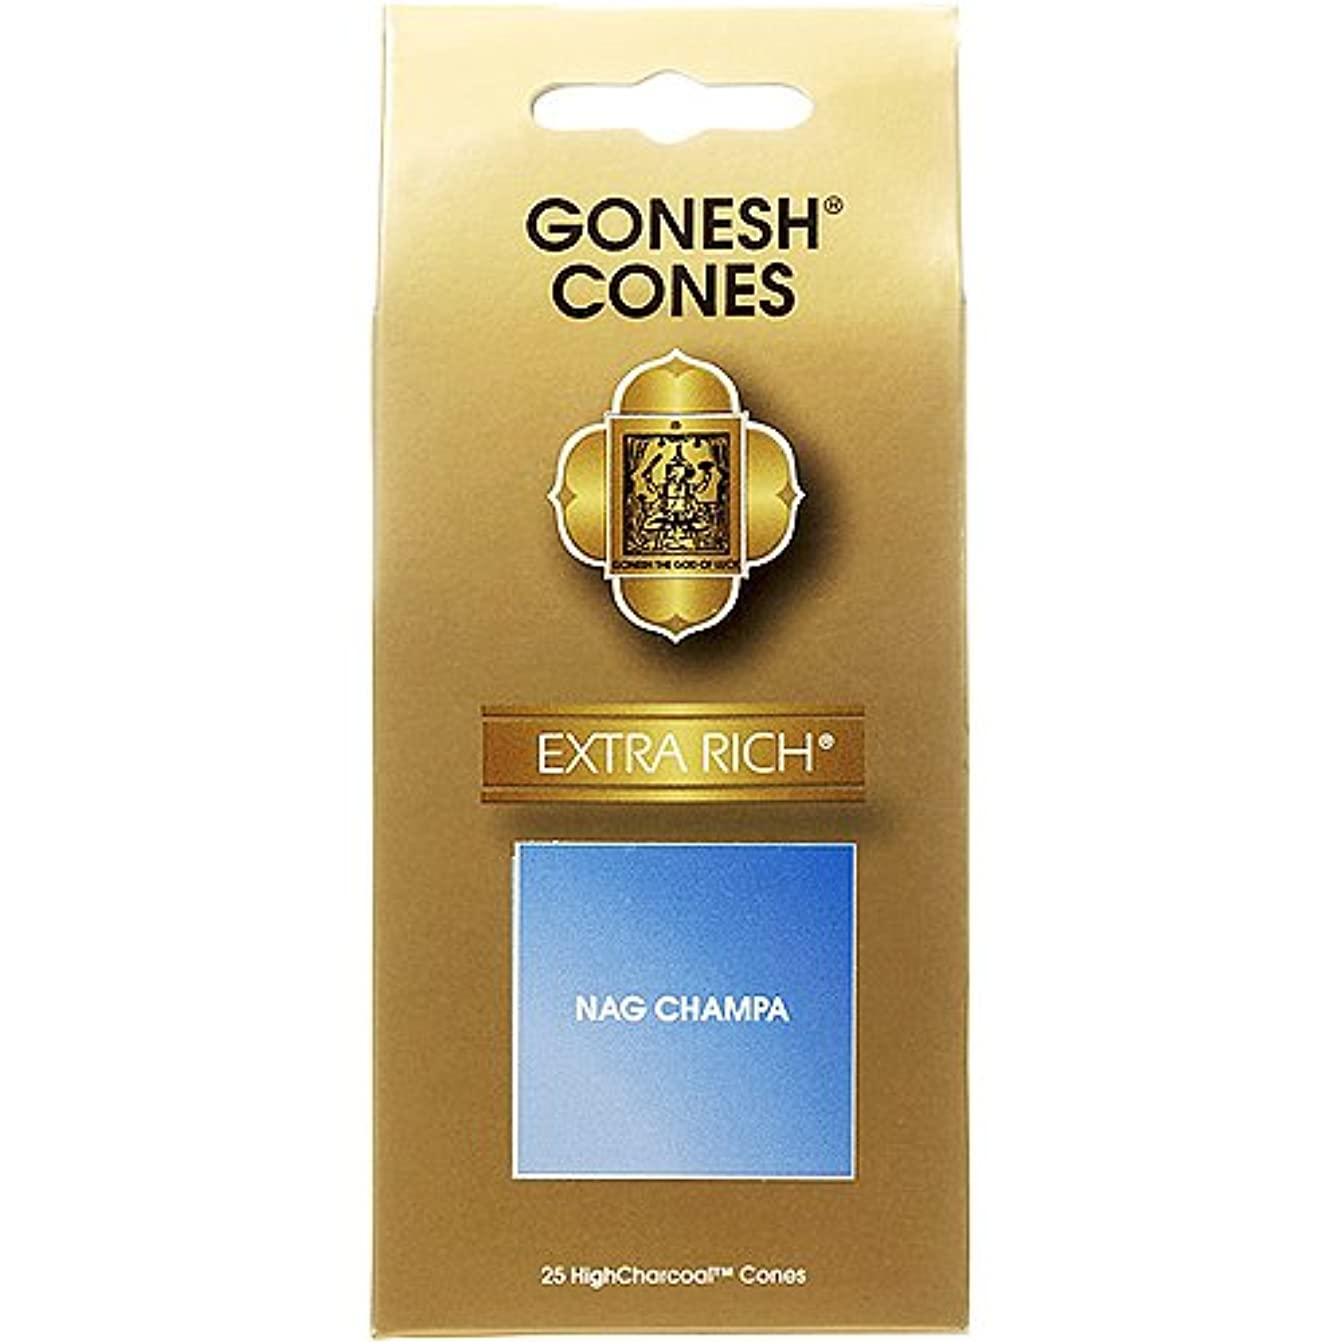 現金親パンチガーネッシュ(GONESH) エクストラリッチ インセンス コーン ナグチャンパ 25ヶ入